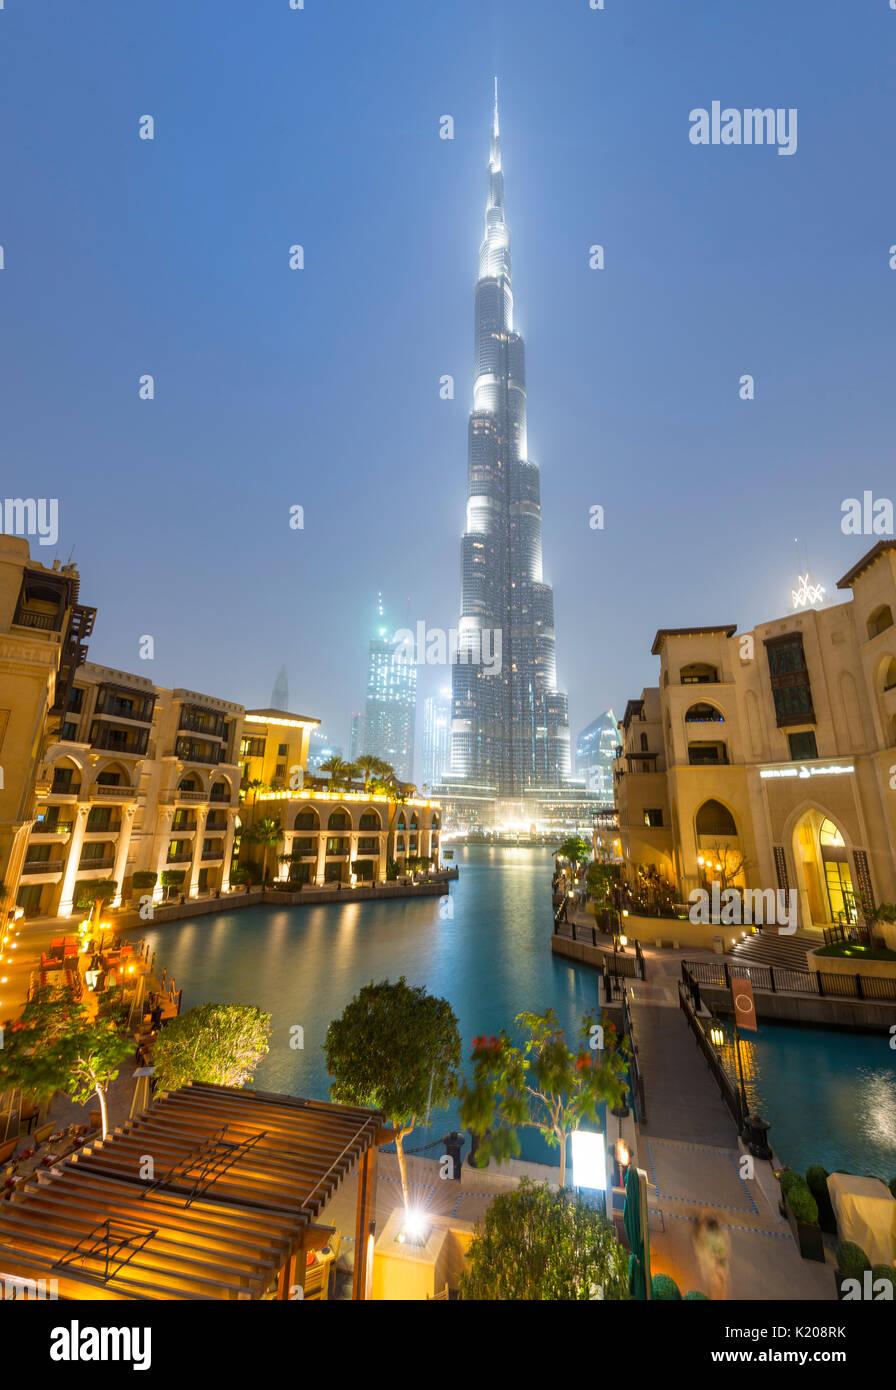 Burj Khalifa, künstlichen See mit beleuchteten Brunnen, Blaue Stunde, Dubai, Emirat Dubai, Vereinigte Arabische Emirate Stockbild